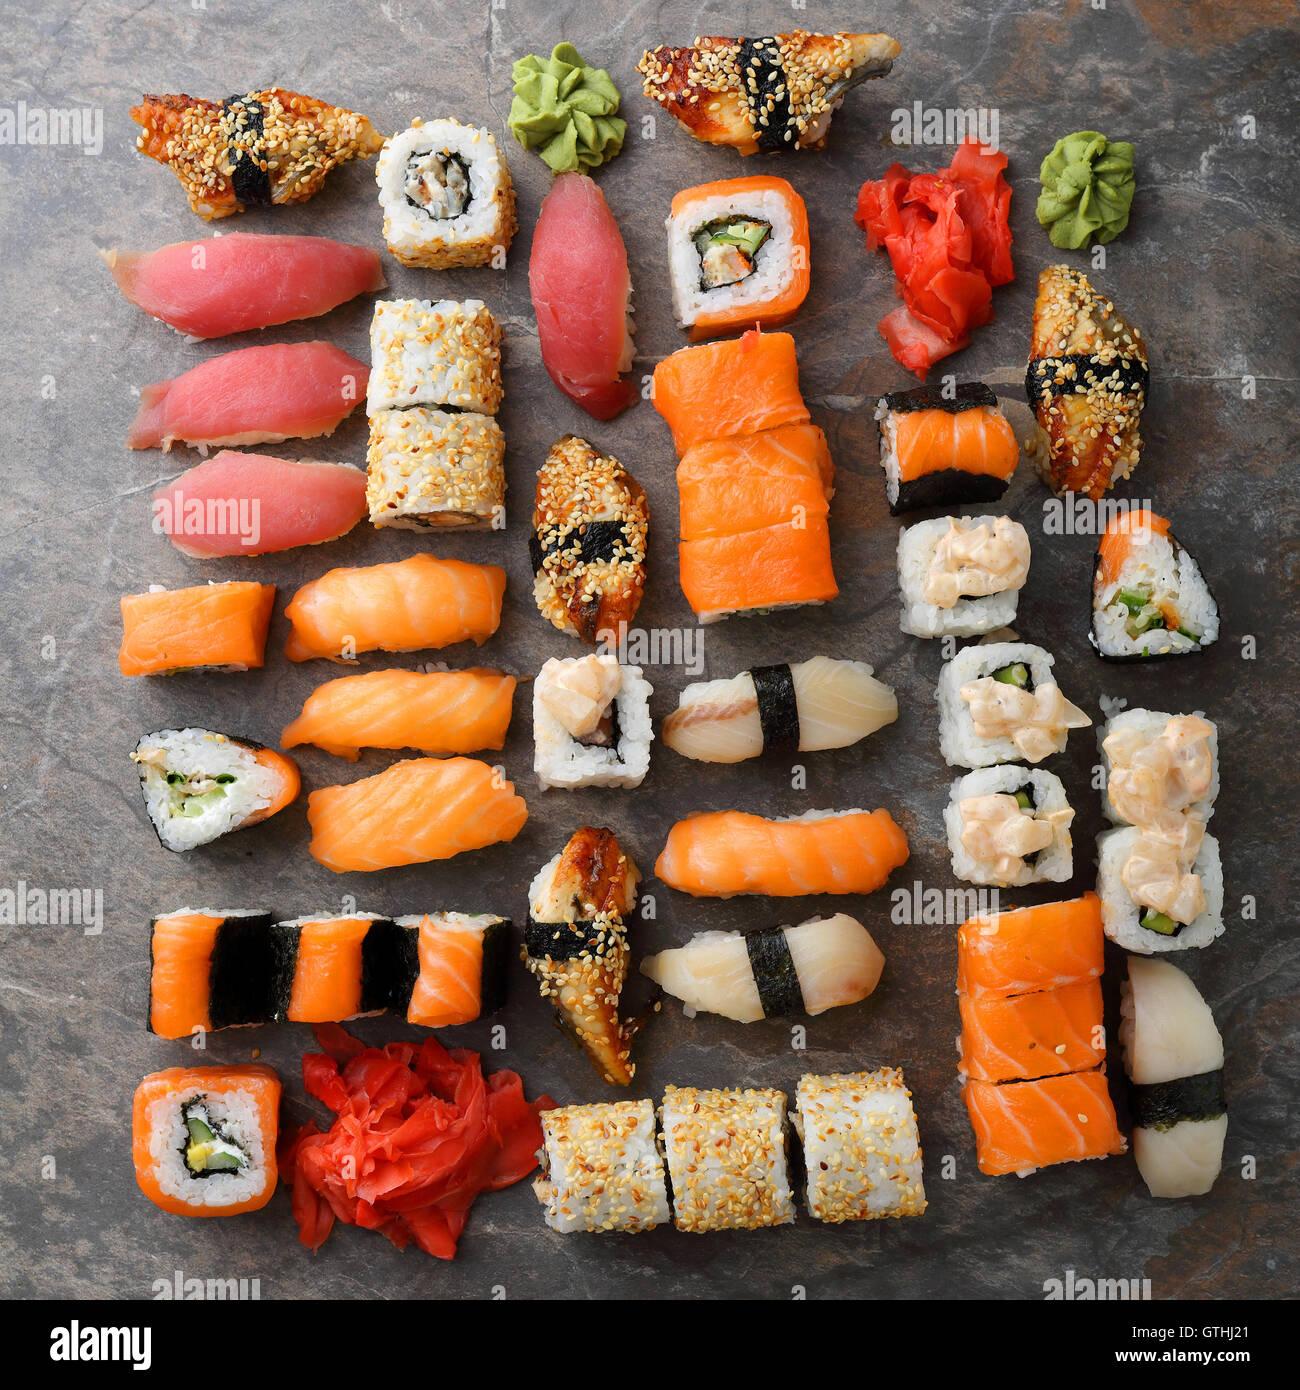 Sushi and nigirin set pattern, food - Stock Image